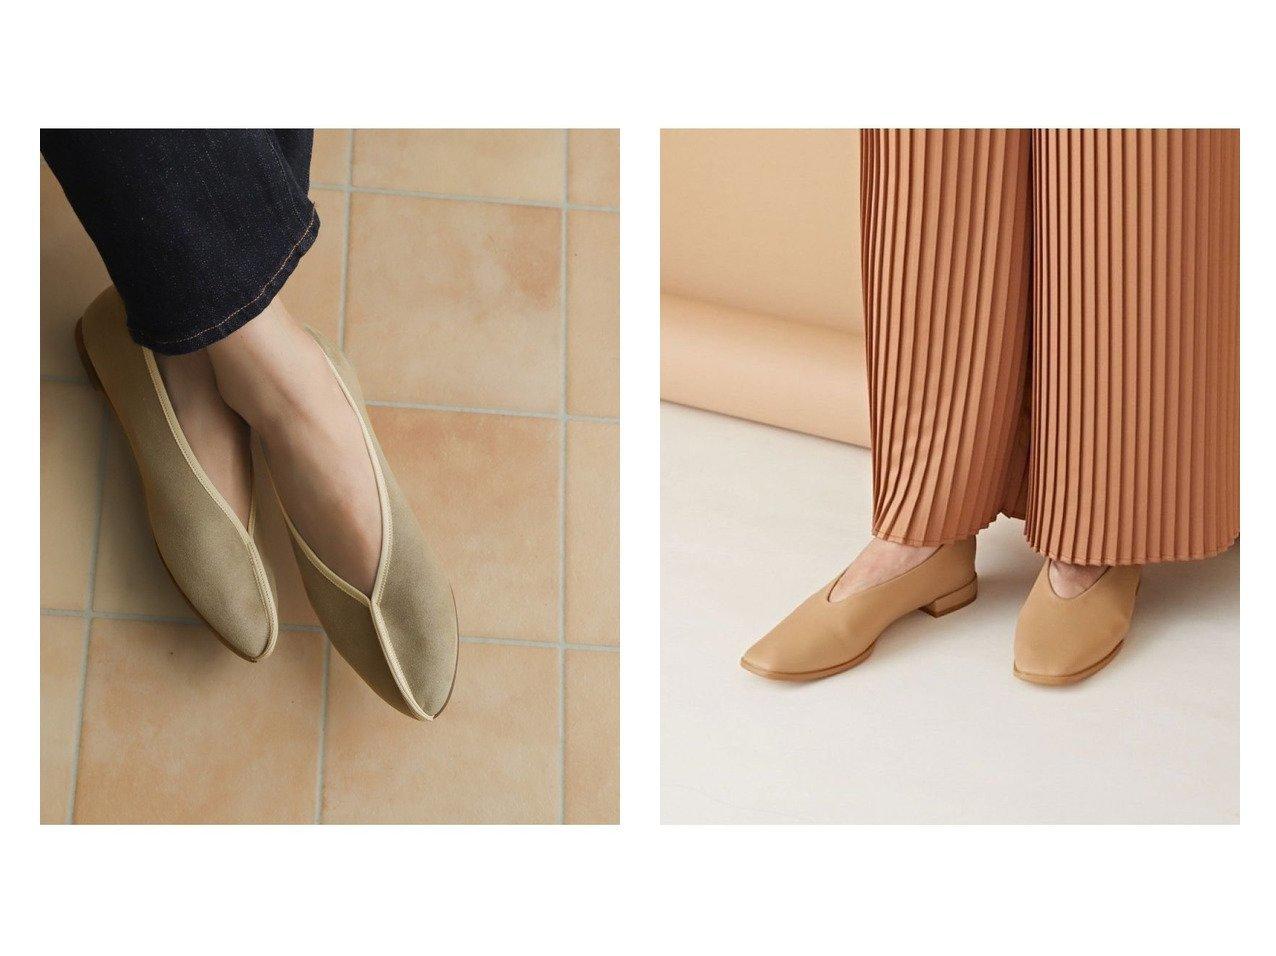 【nano universe/ナノ ユニバース】のスクエアトゥフラットシューズ&【URBAN RESEARCH DOORS/アーバンリサーチ ドアーズ】のライトスエードフラットシューズ シューズ・靴のおすすめ!人気、トレンド・レディースファッションの通販 おすすめで人気の流行・トレンド、ファッションの通販商品 メンズファッション・キッズファッション・インテリア・家具・レディースファッション・服の通販 founy(ファニー) https://founy.com/ ファッション Fashion レディースファッション WOMEN NEW・新作・新着・新入荷 New Arrivals シューズ シンプル スエード トレンド バレエ フラット 春 Spring スクエア スタンダード フォルム |ID:crp329100000015320